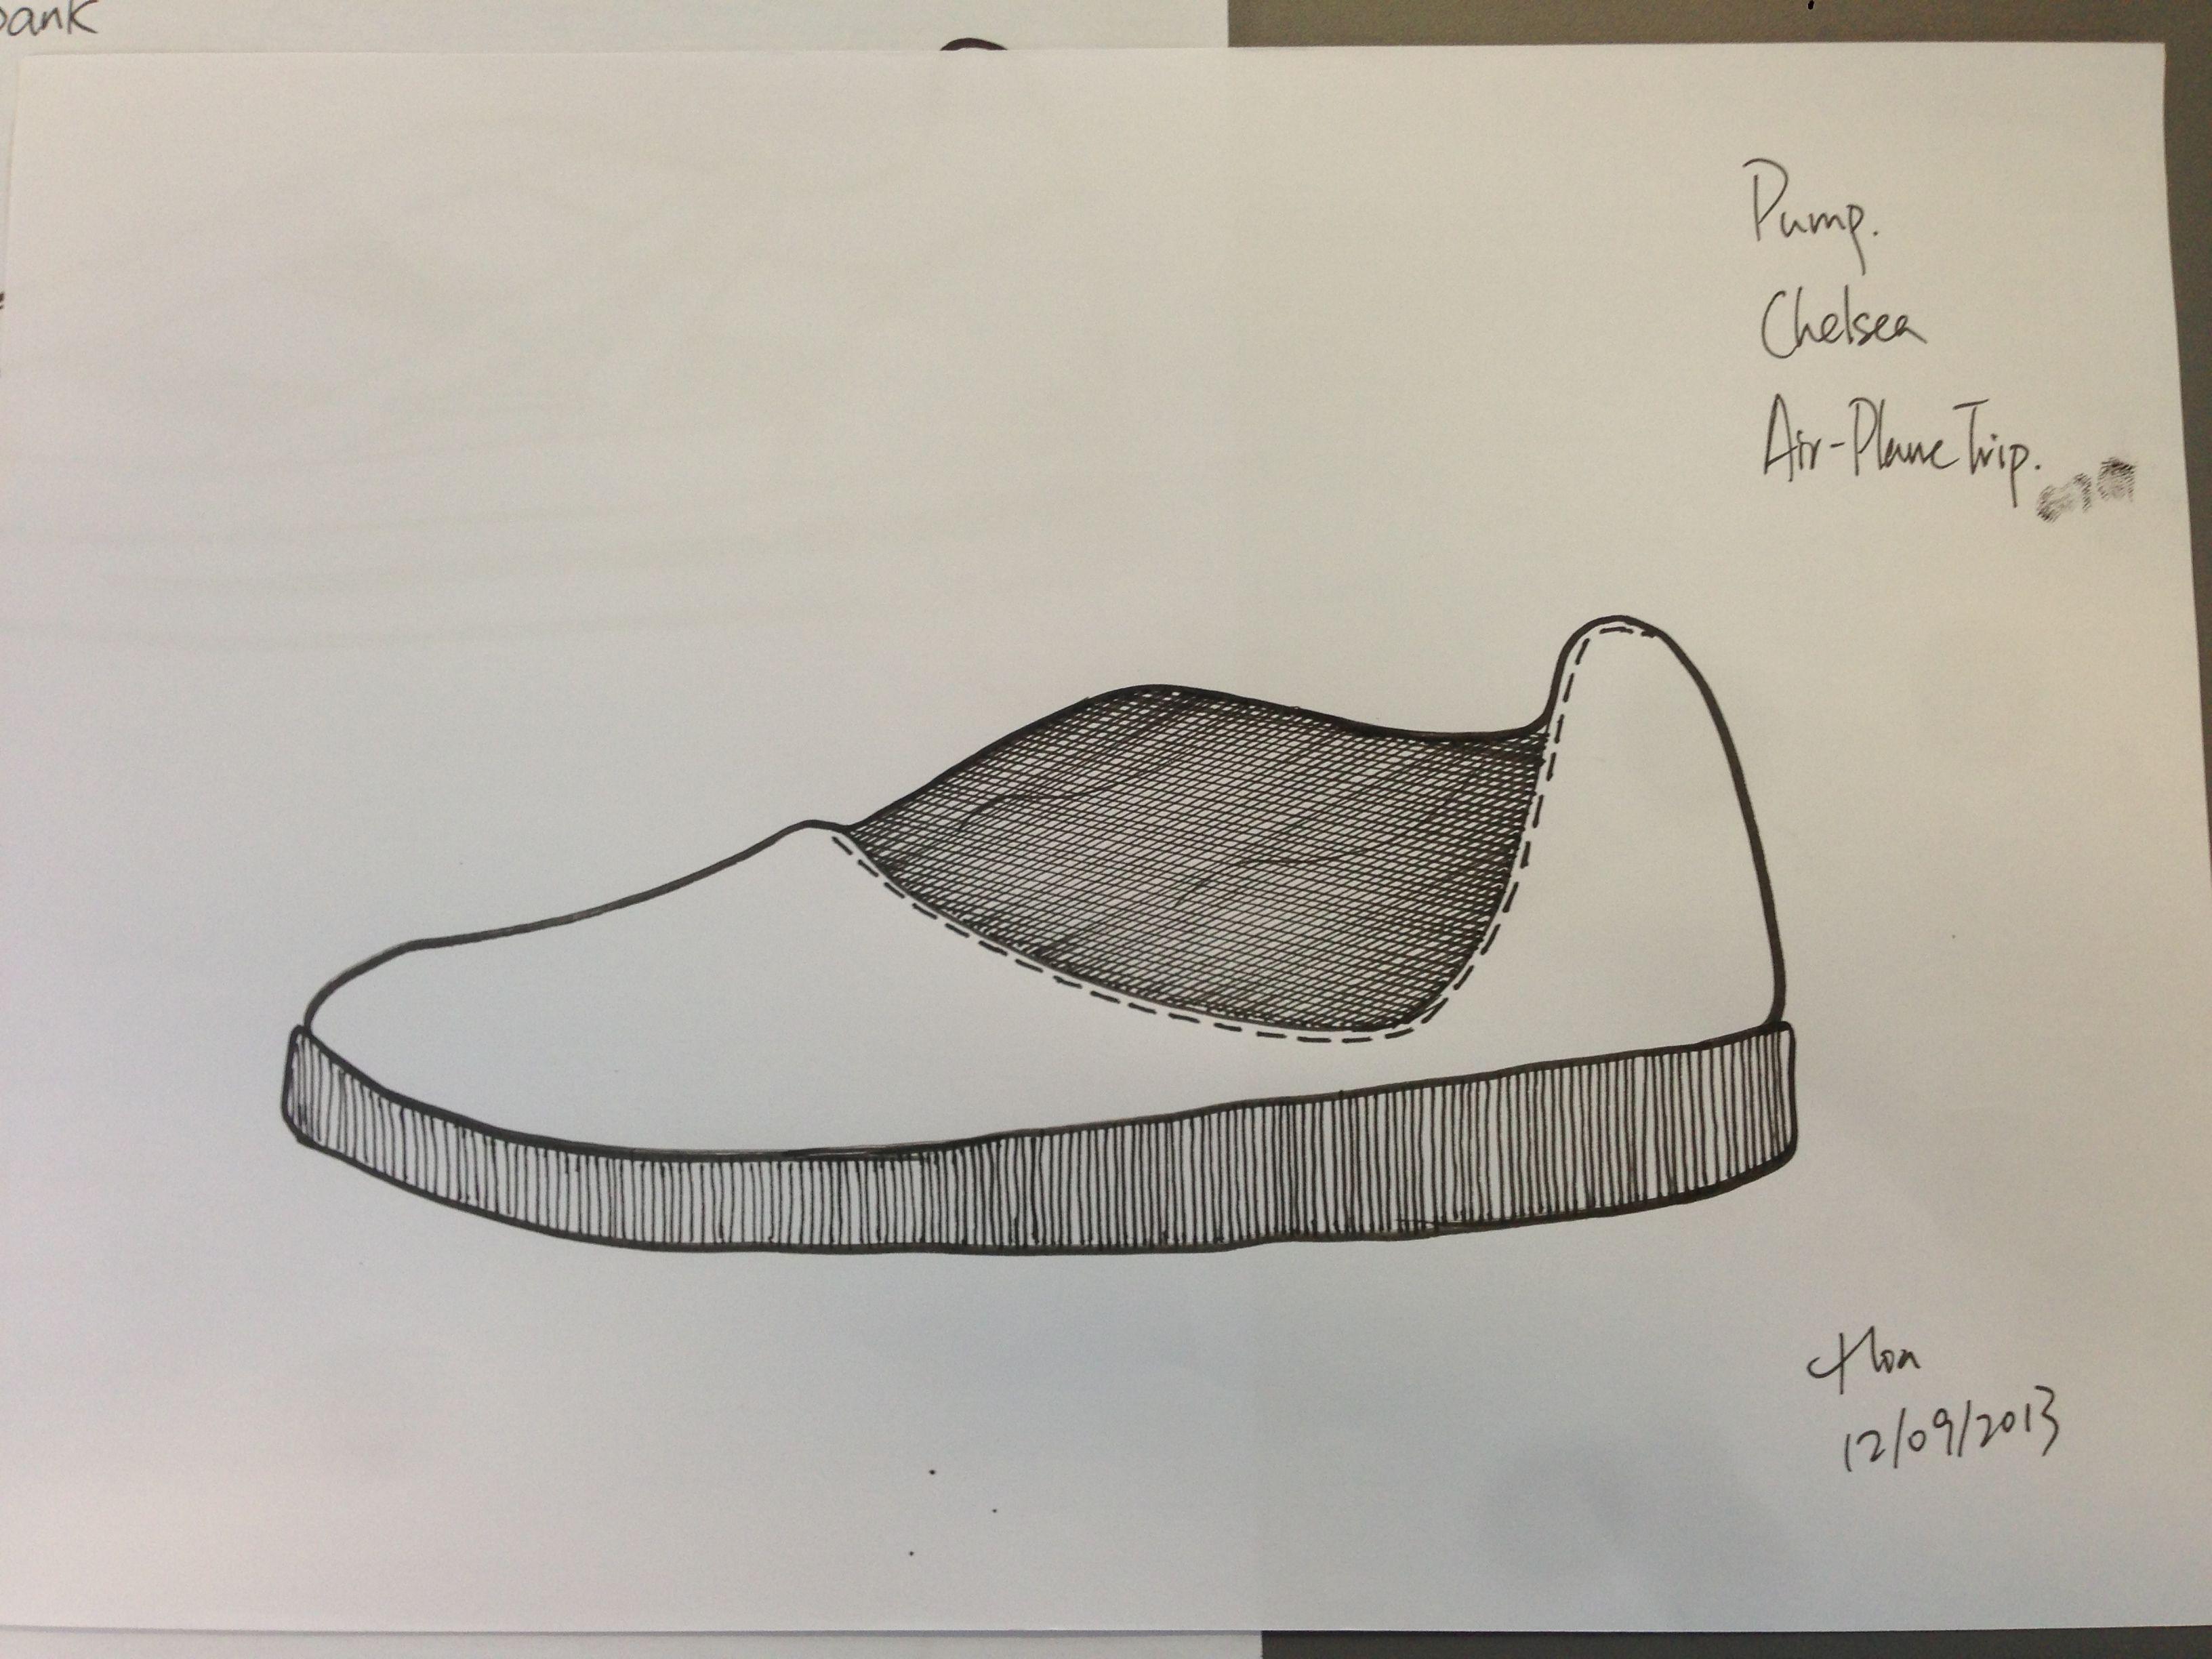 pump chelsea for air plane trip sd 3114 footwear pinterest